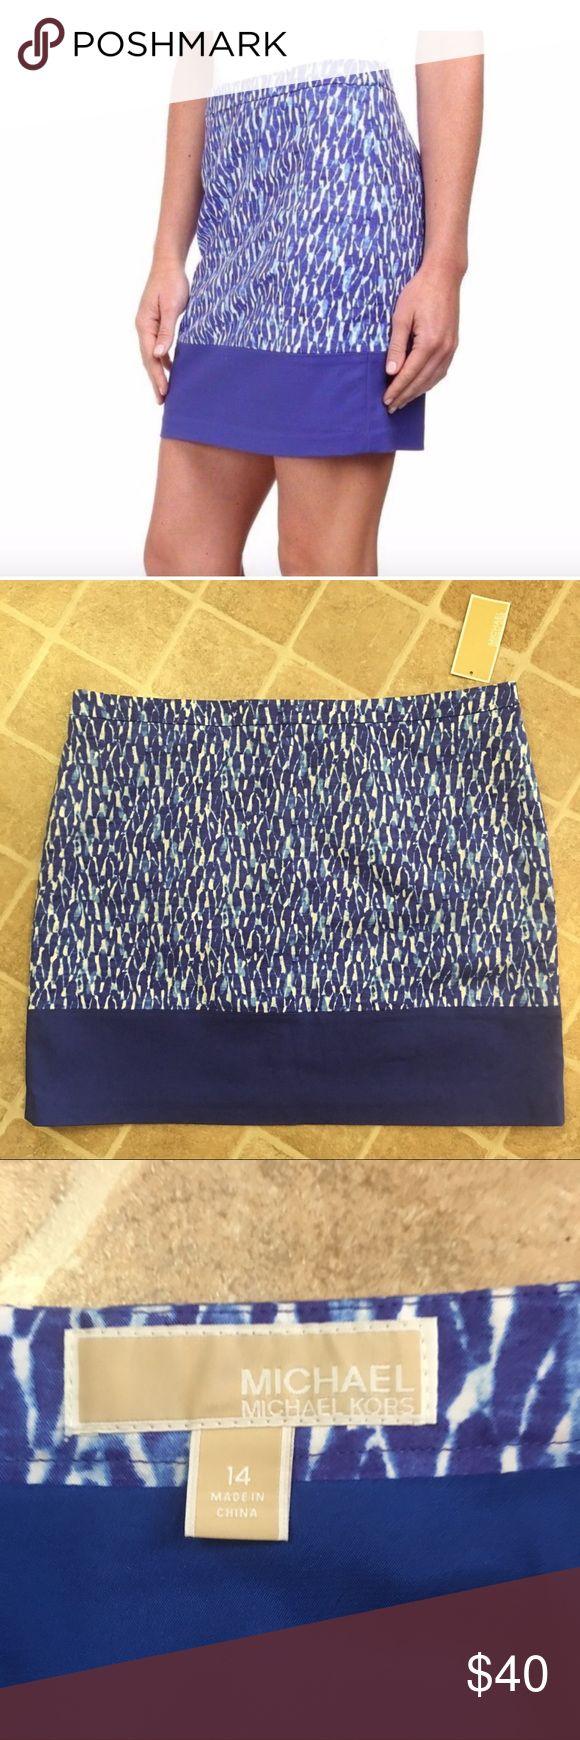 Michael Kors skirt size 14 Michael Kors, NWT royal blue and white skirt, size 14. Michael Kors Skirts Mini